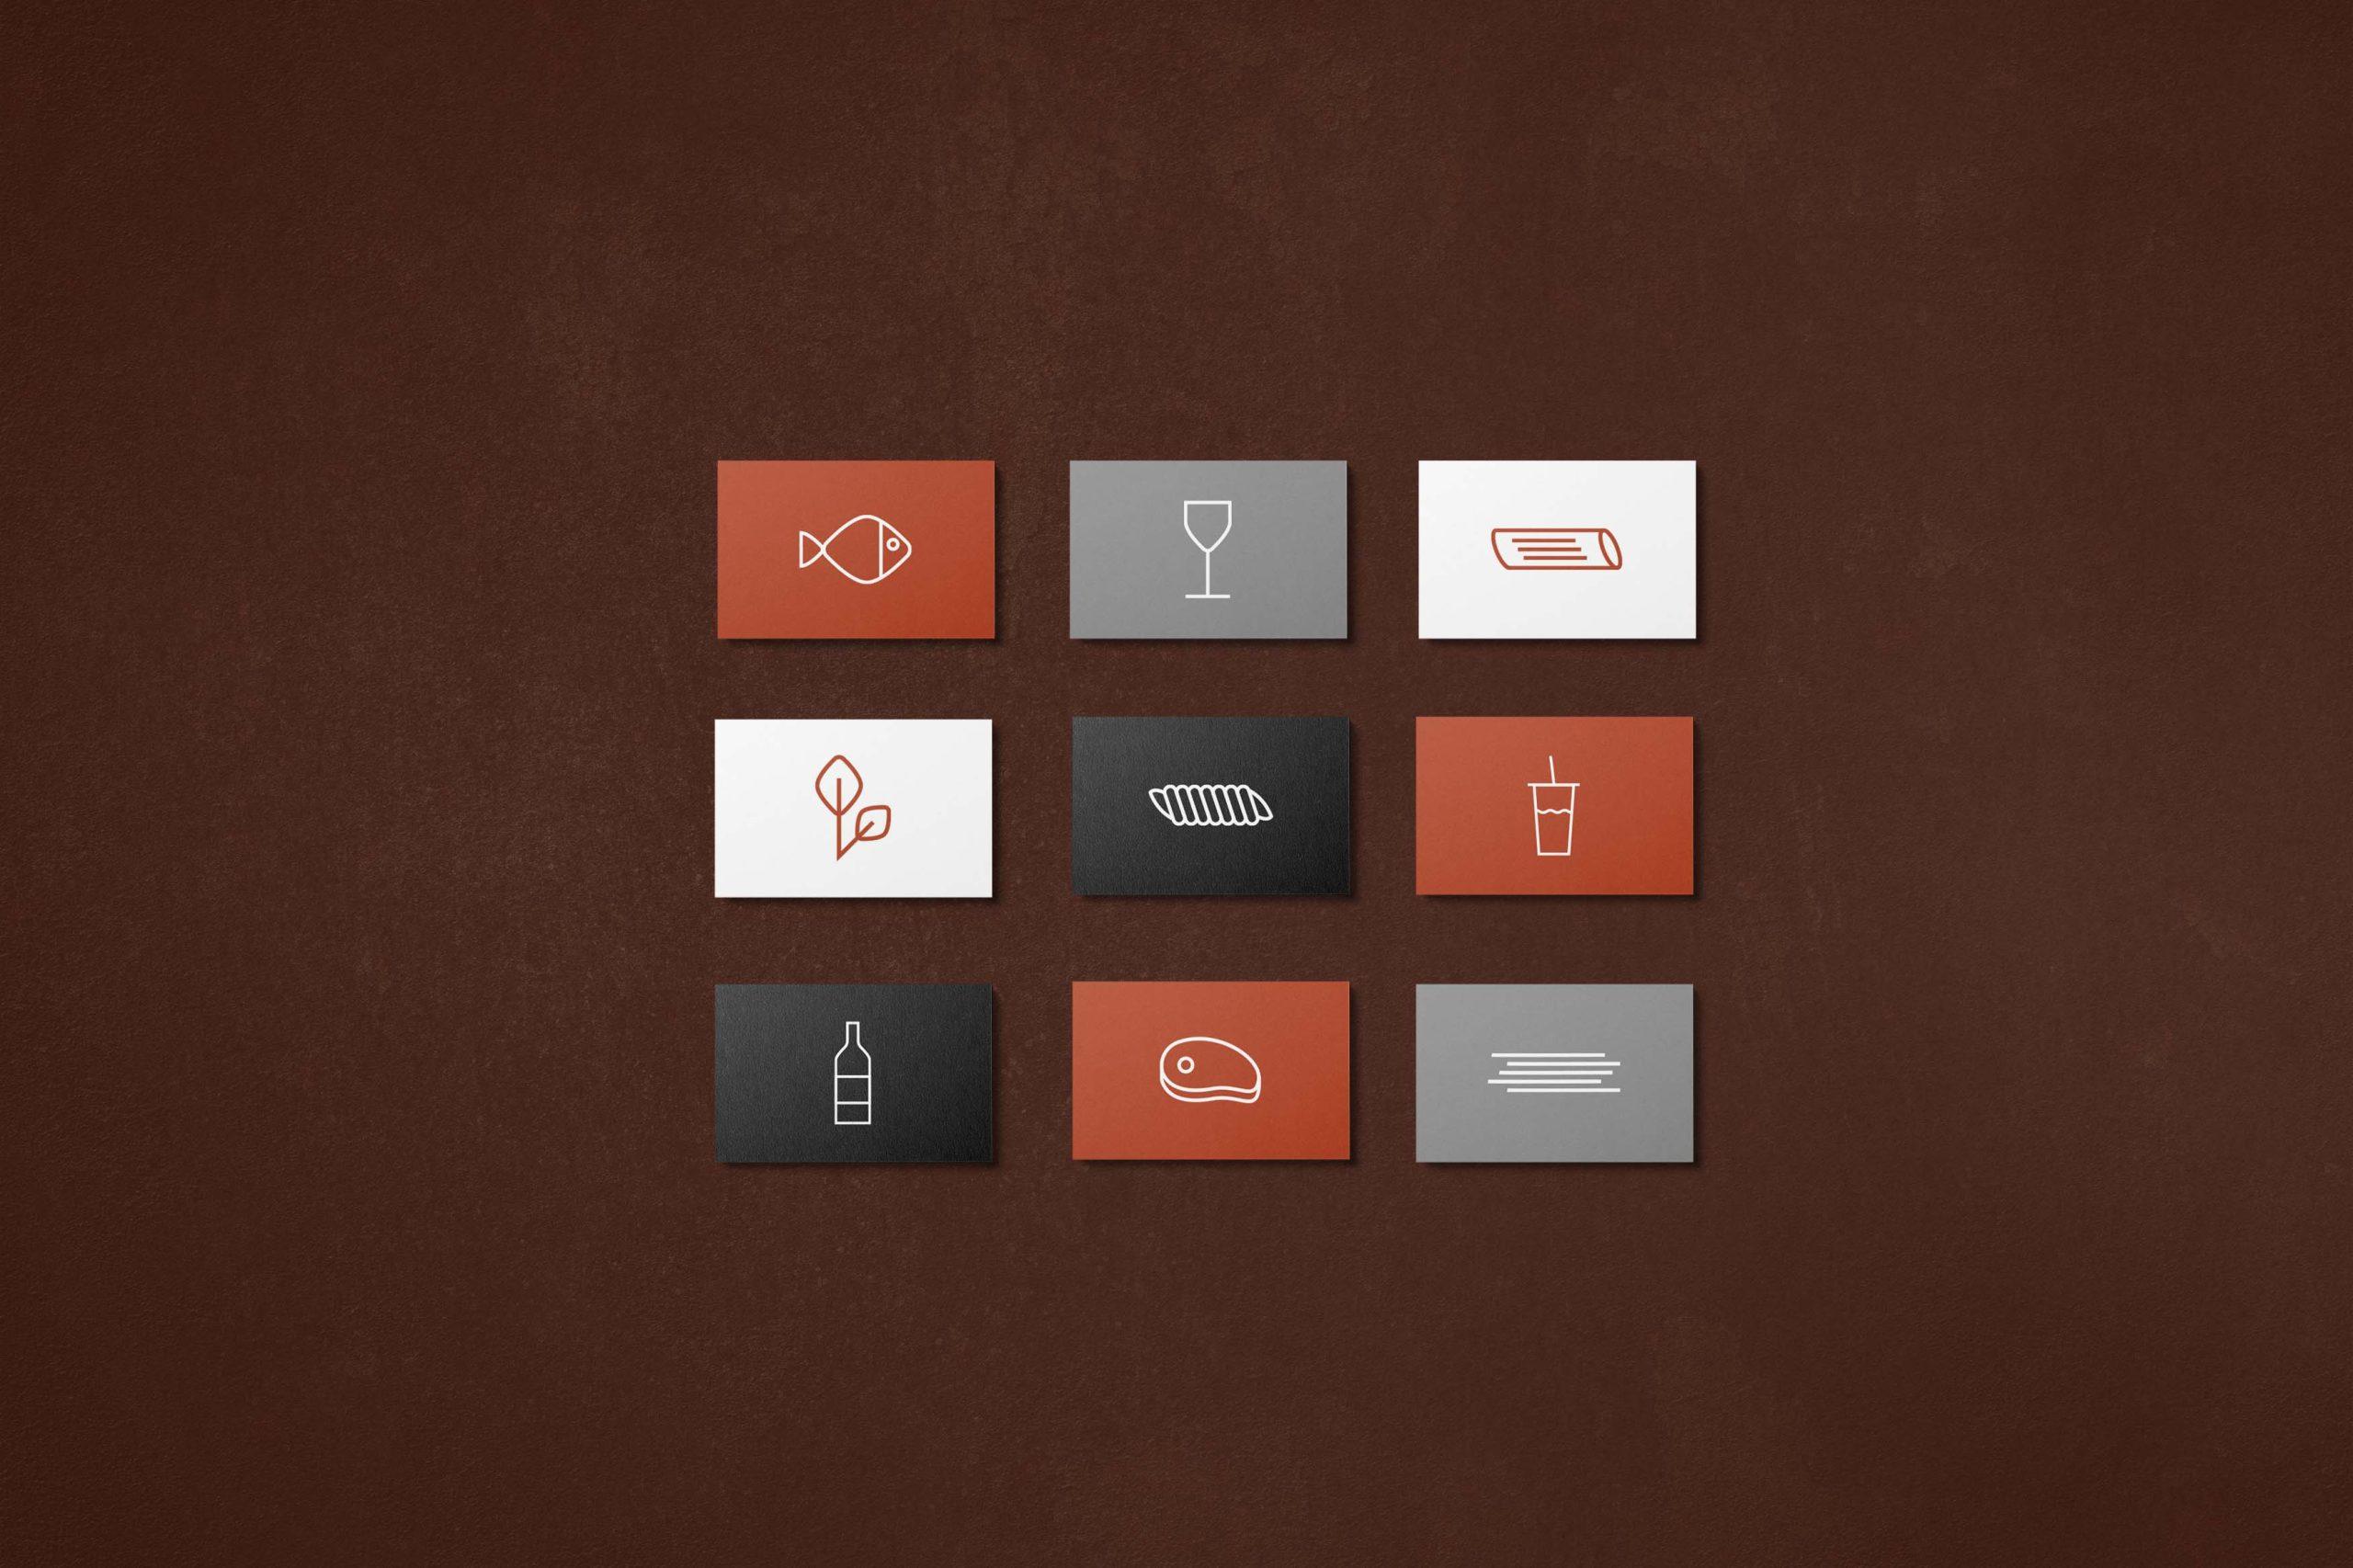 pasta ruffo naamkaartjes icons menukaart